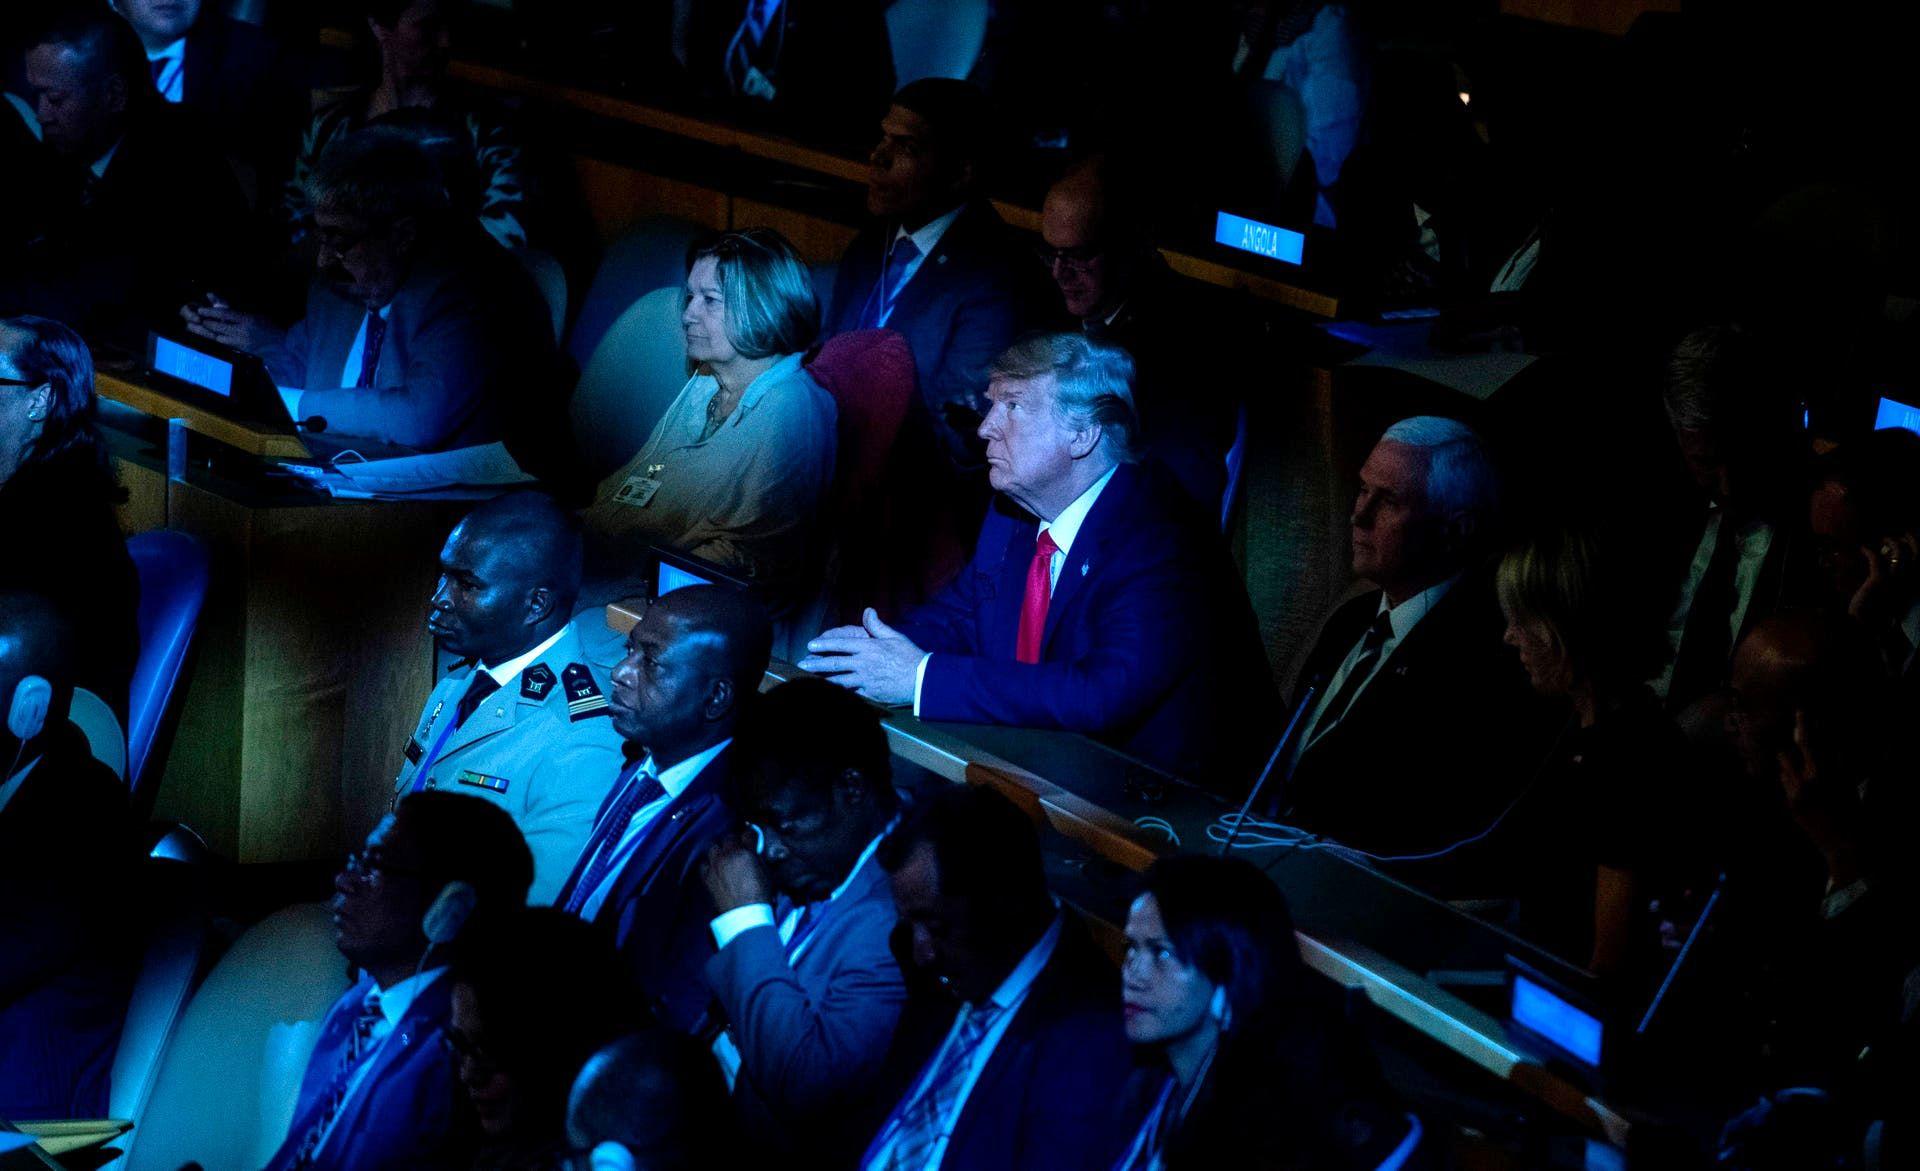 حضور رهبران جهان در اجلاس تغییرات اقلیمی سازمان ملل